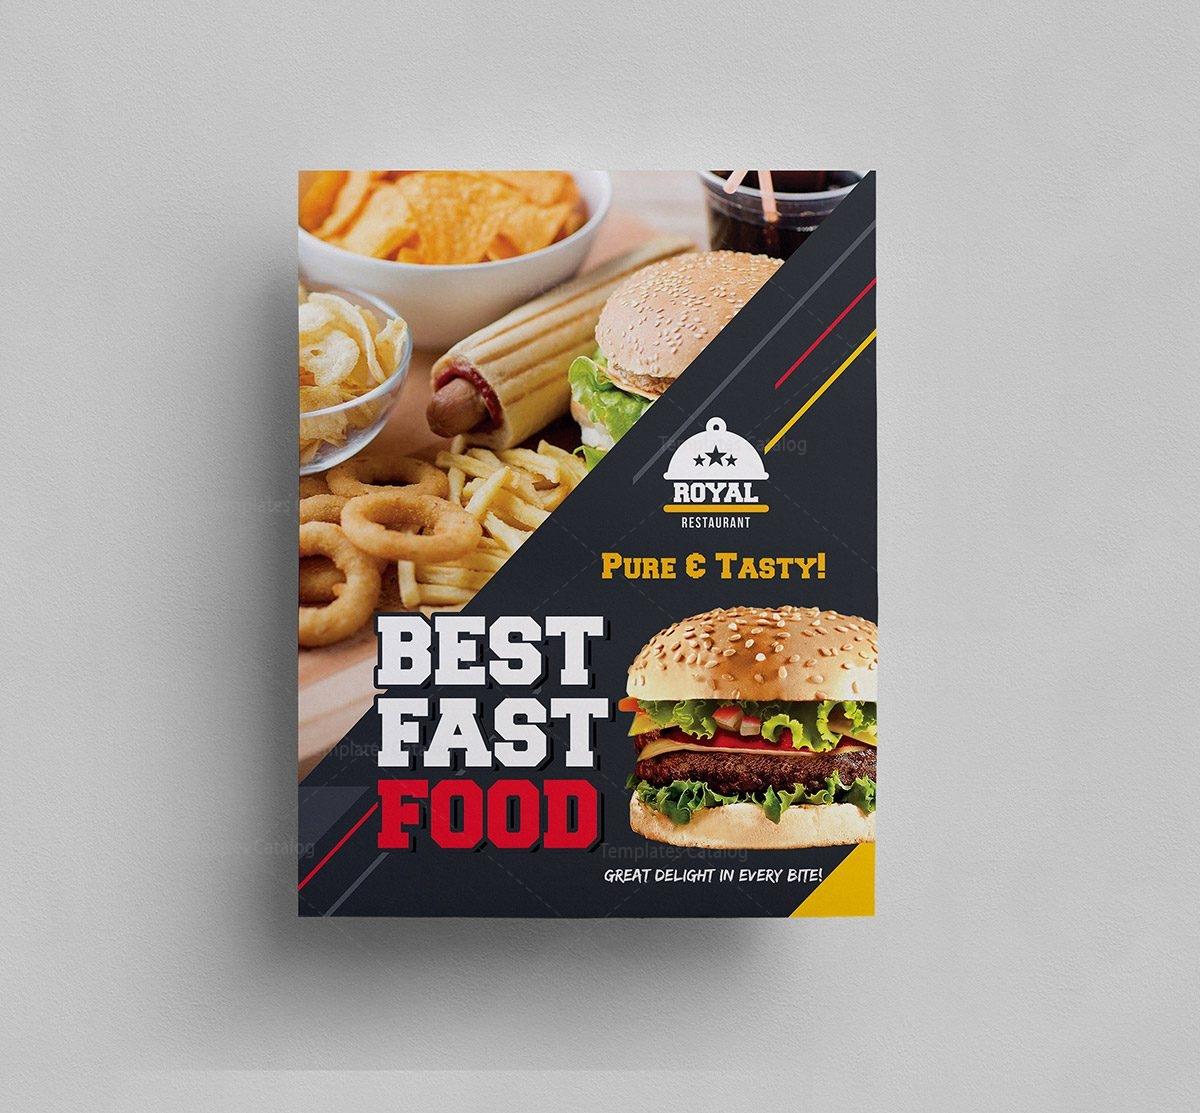 Burger Cafe Food Menu Template